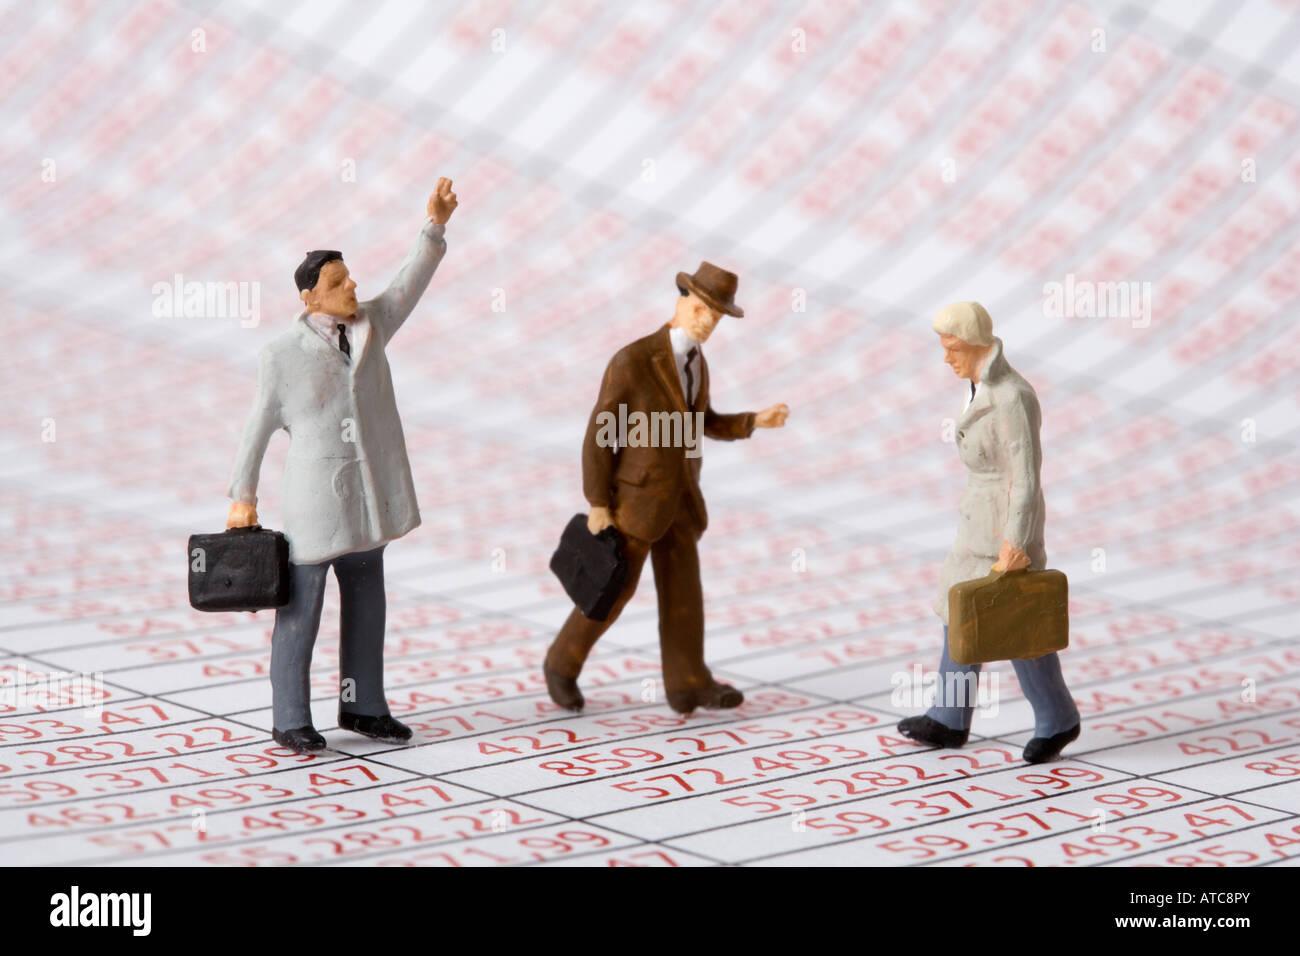 Les figures d'hommes d'affaires sur des colonnes de chiffres symbole manager fraude fiscale etc. Photo Stock